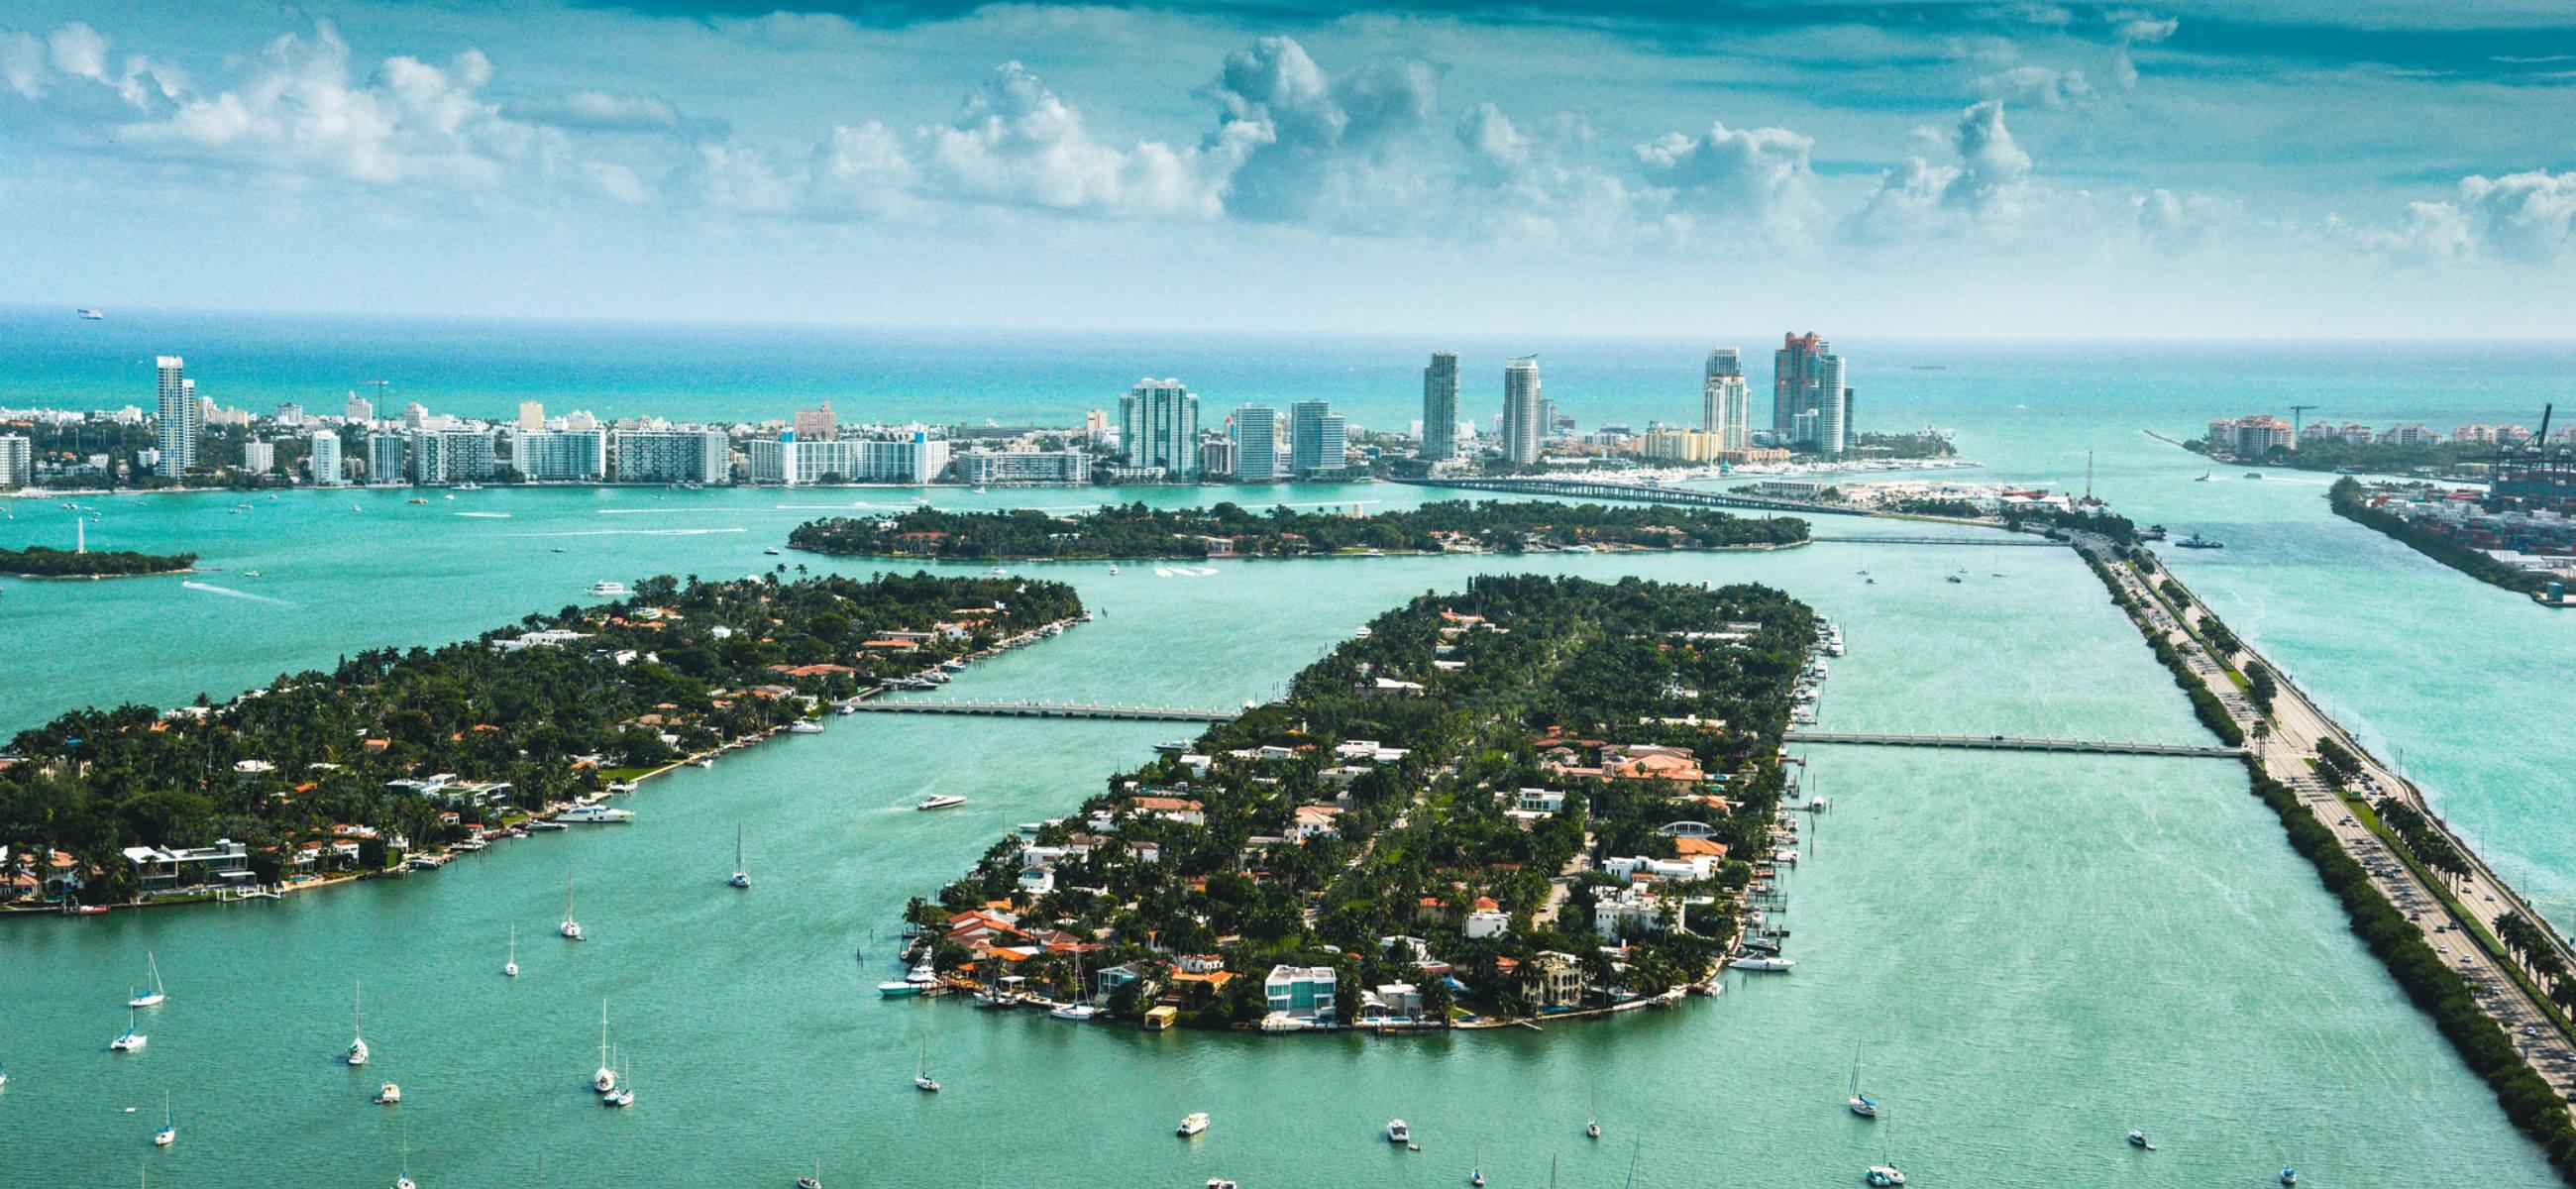 8-lugares-que-debes-visitar-cuando-estés-en-Miami